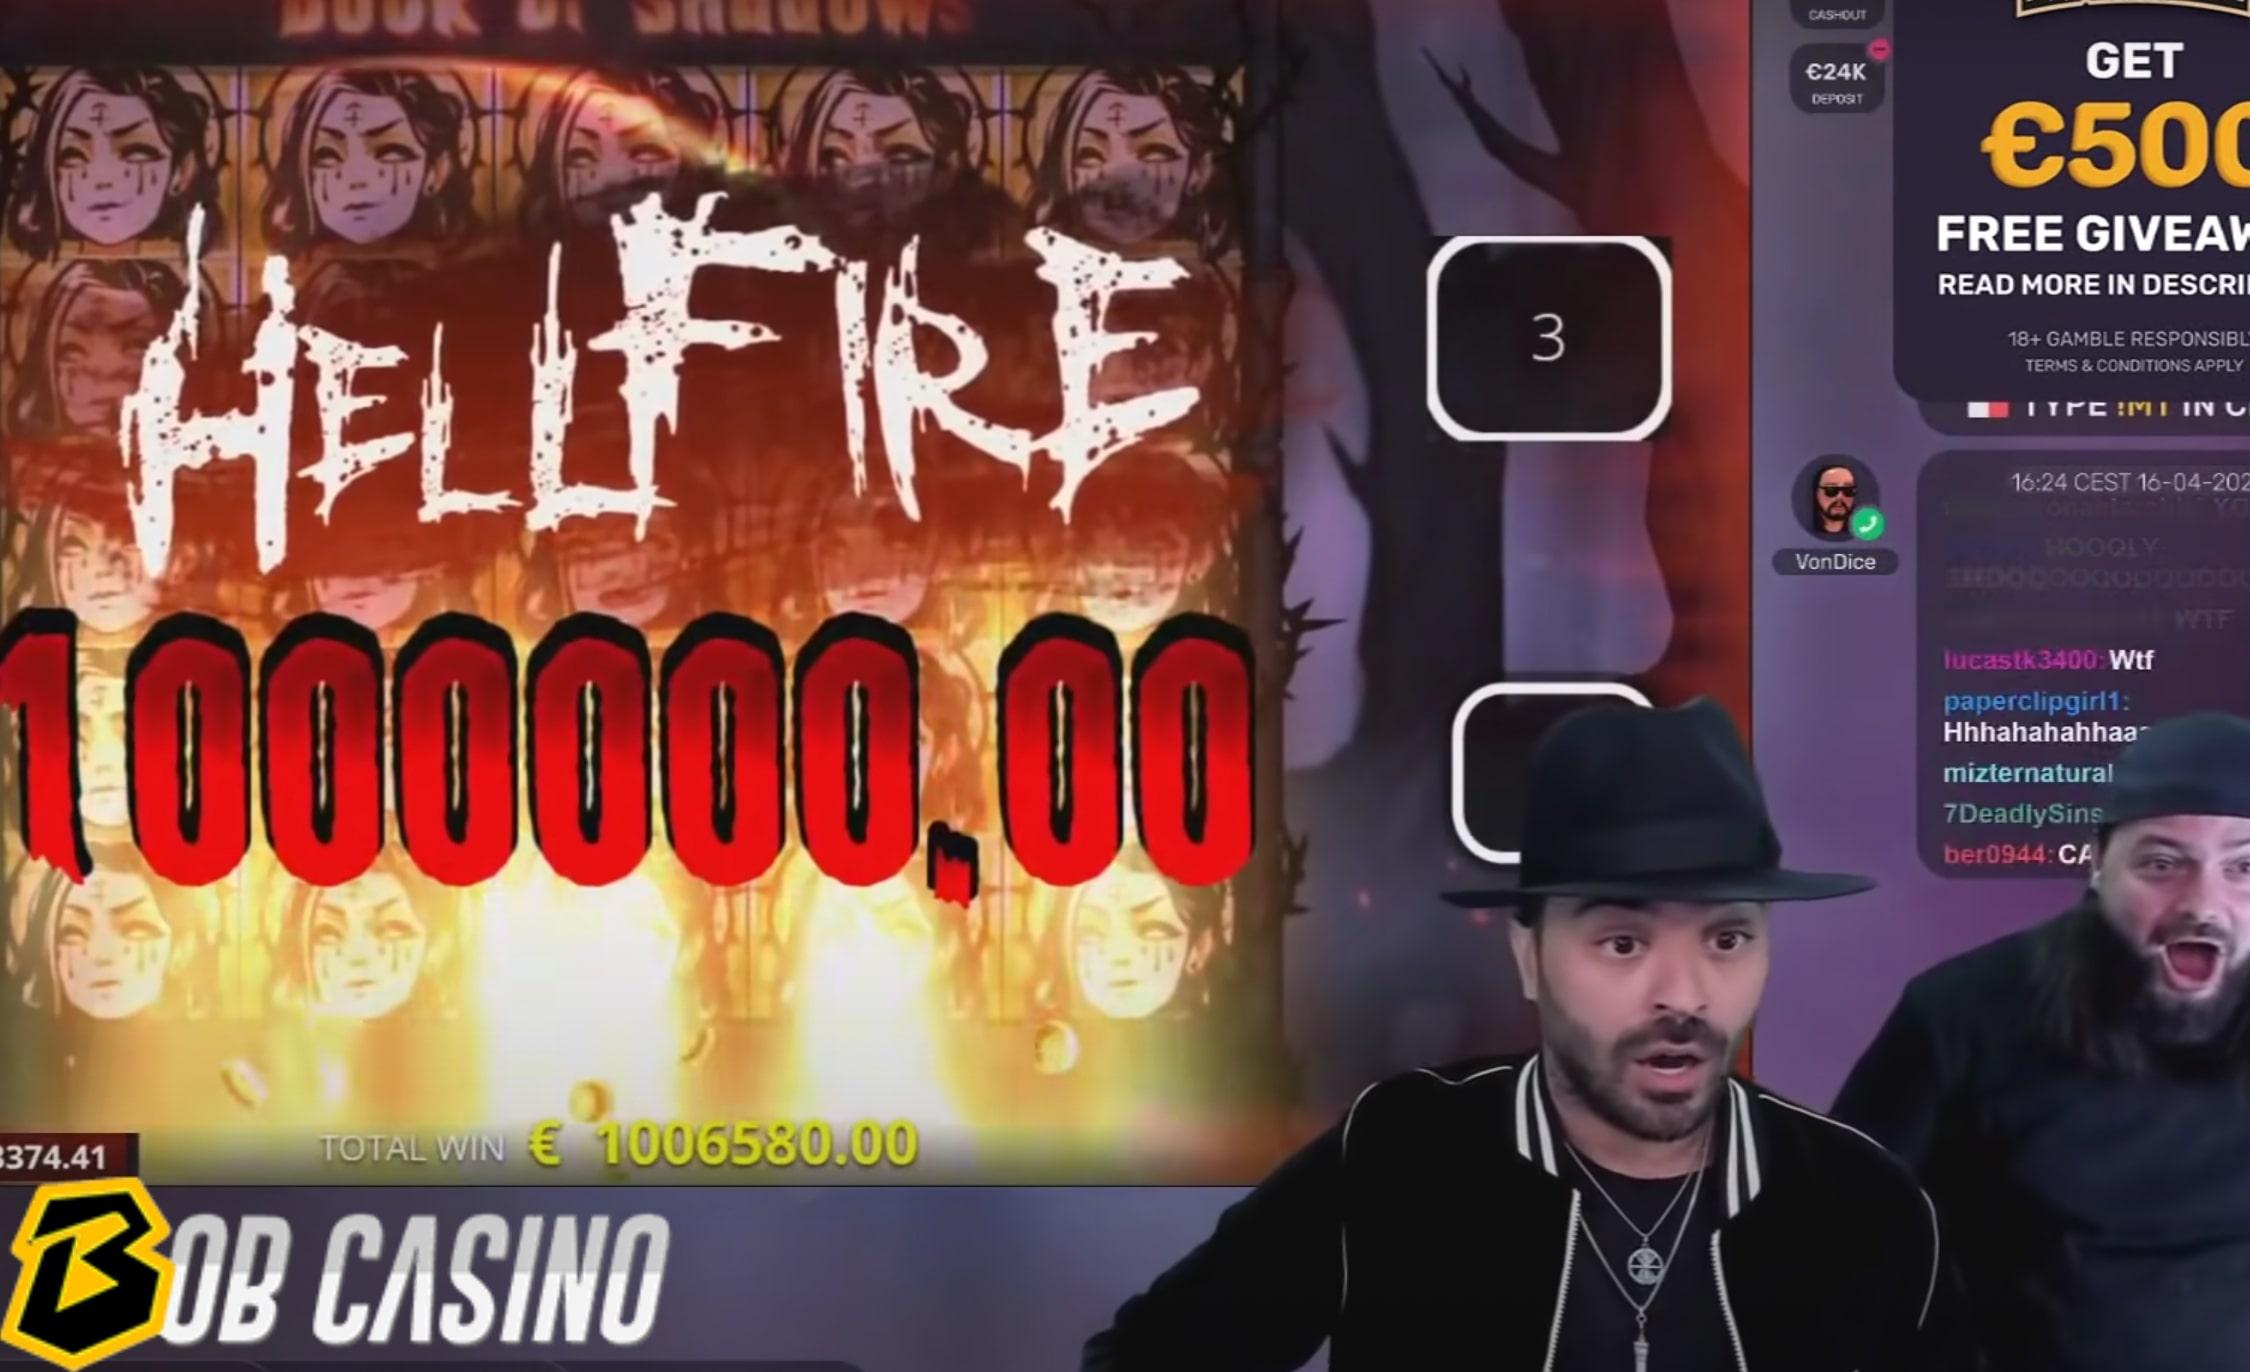 Roshtein wins 1 million euros during his Twitch stream.